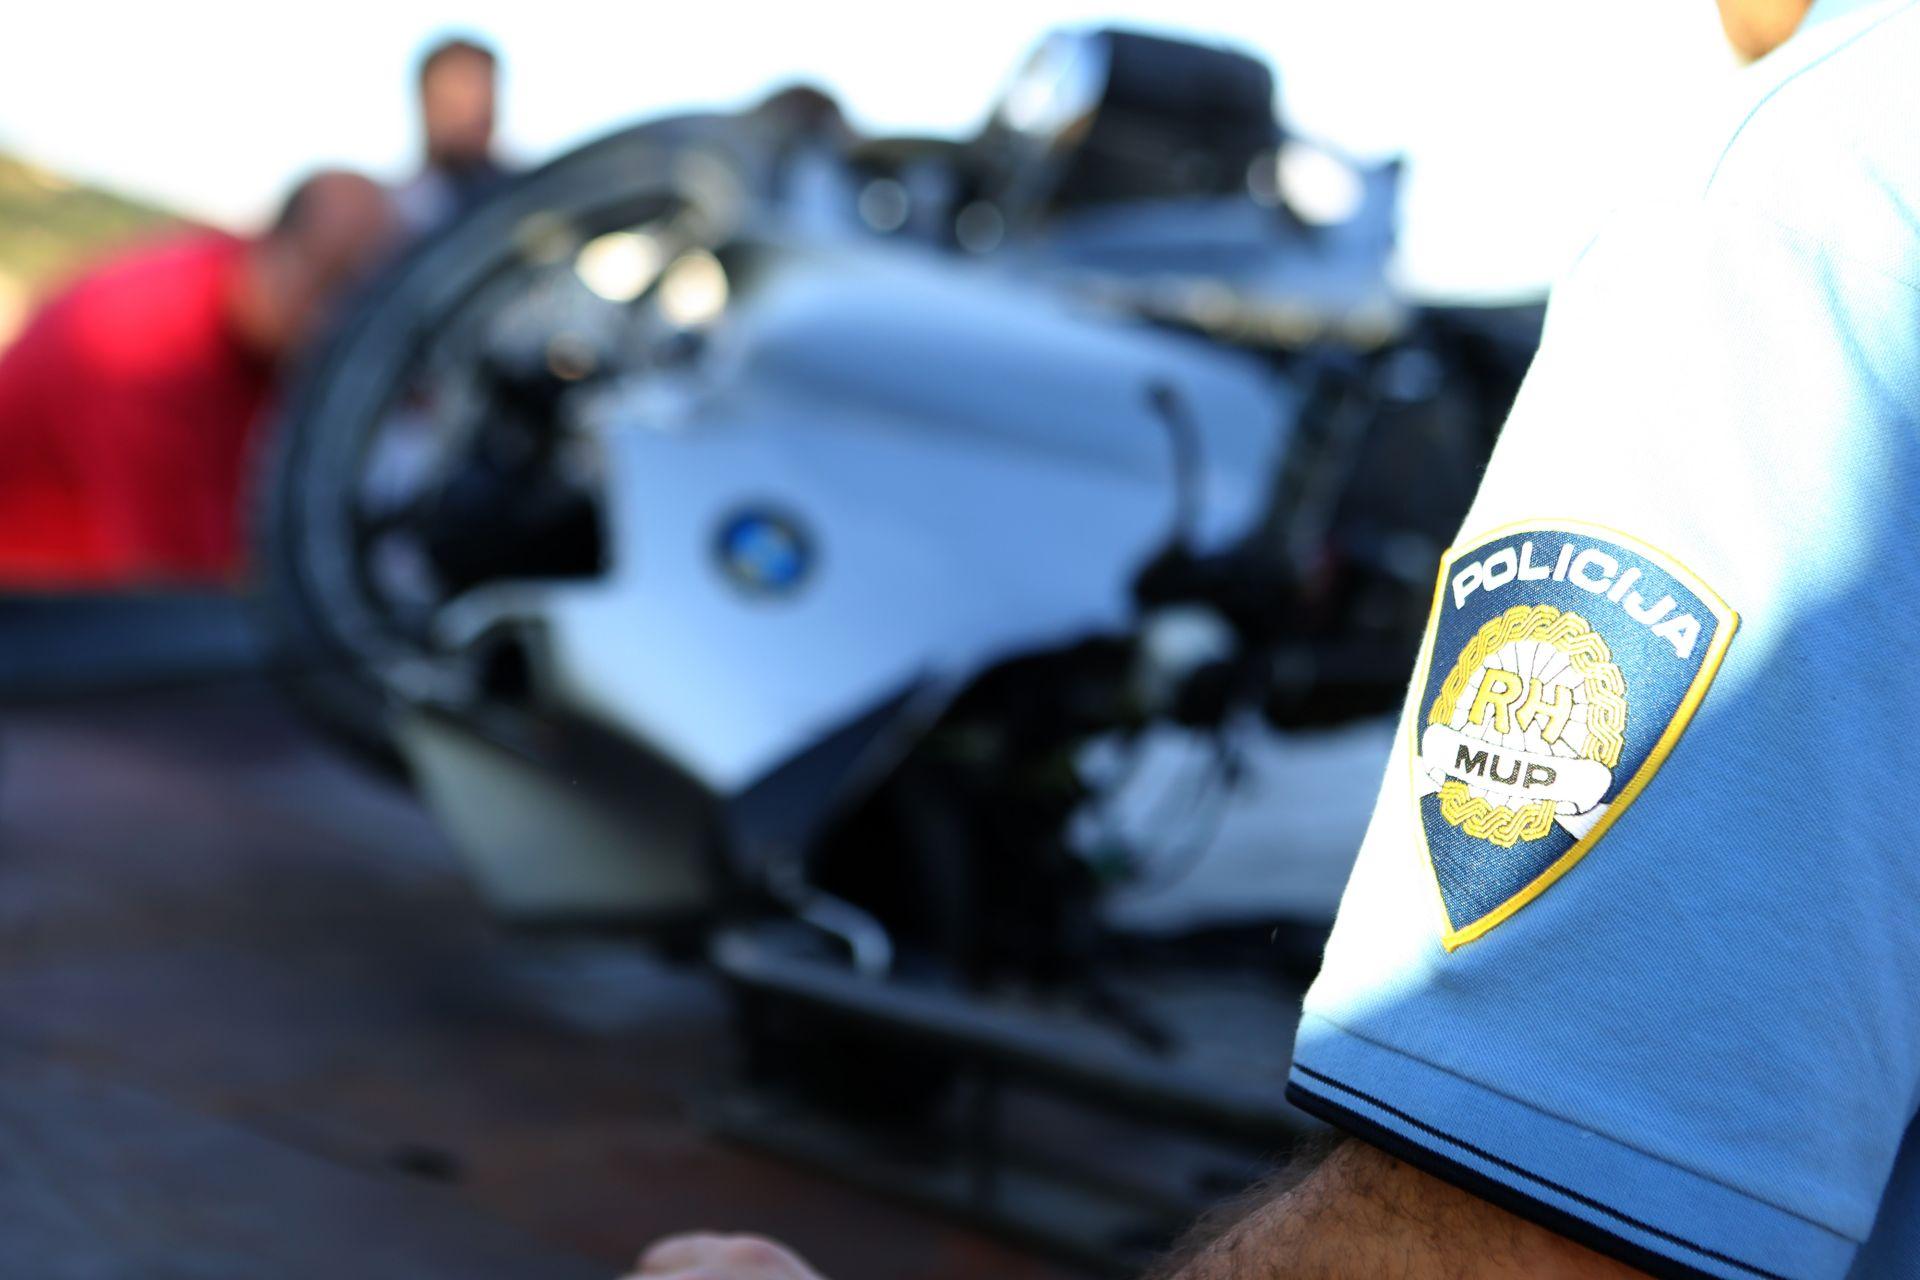 PROMETNA NESREĆA: U sudaru s automobilom kod Petrčana poginuo motociklist